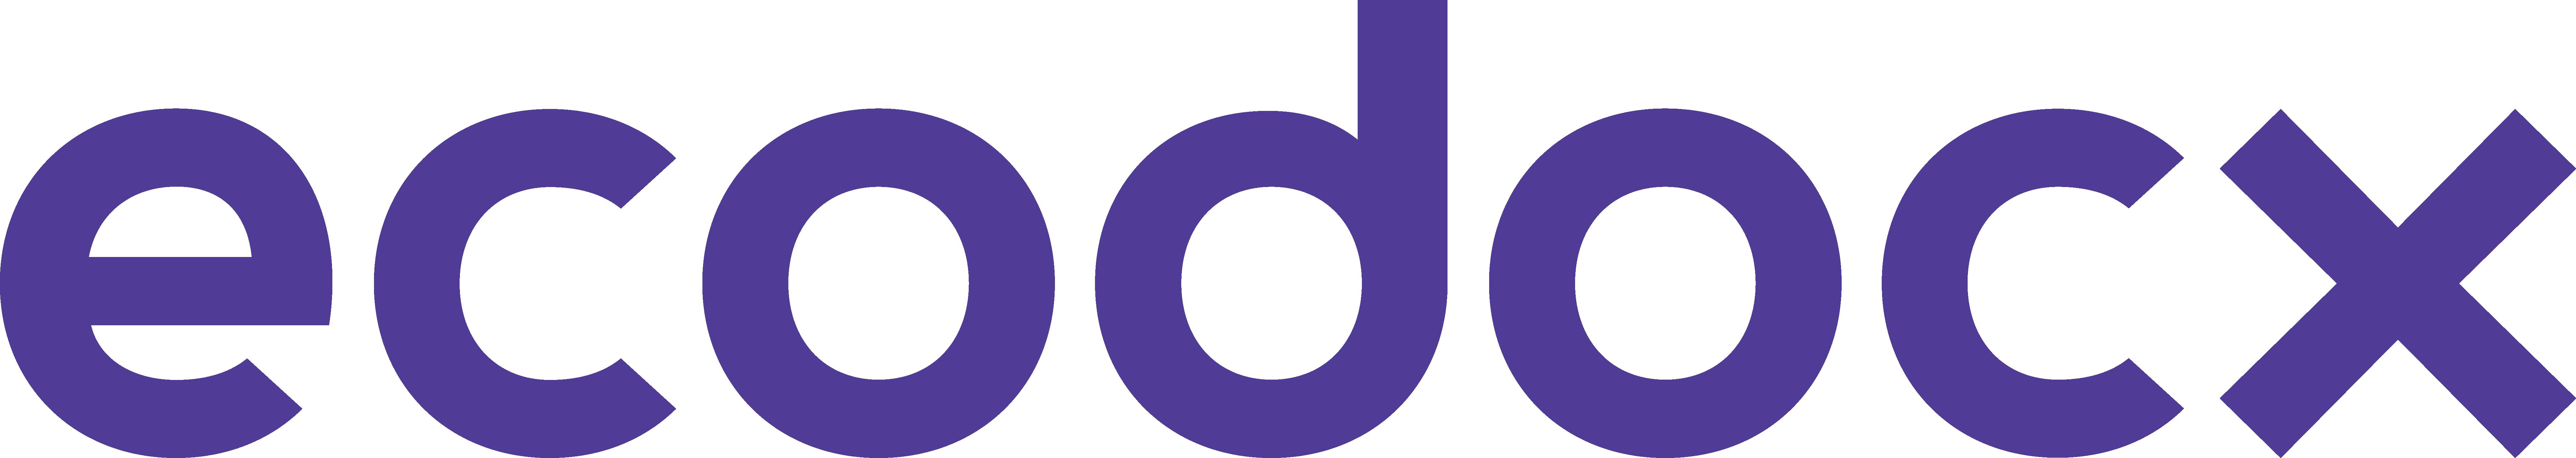 Ecodocx